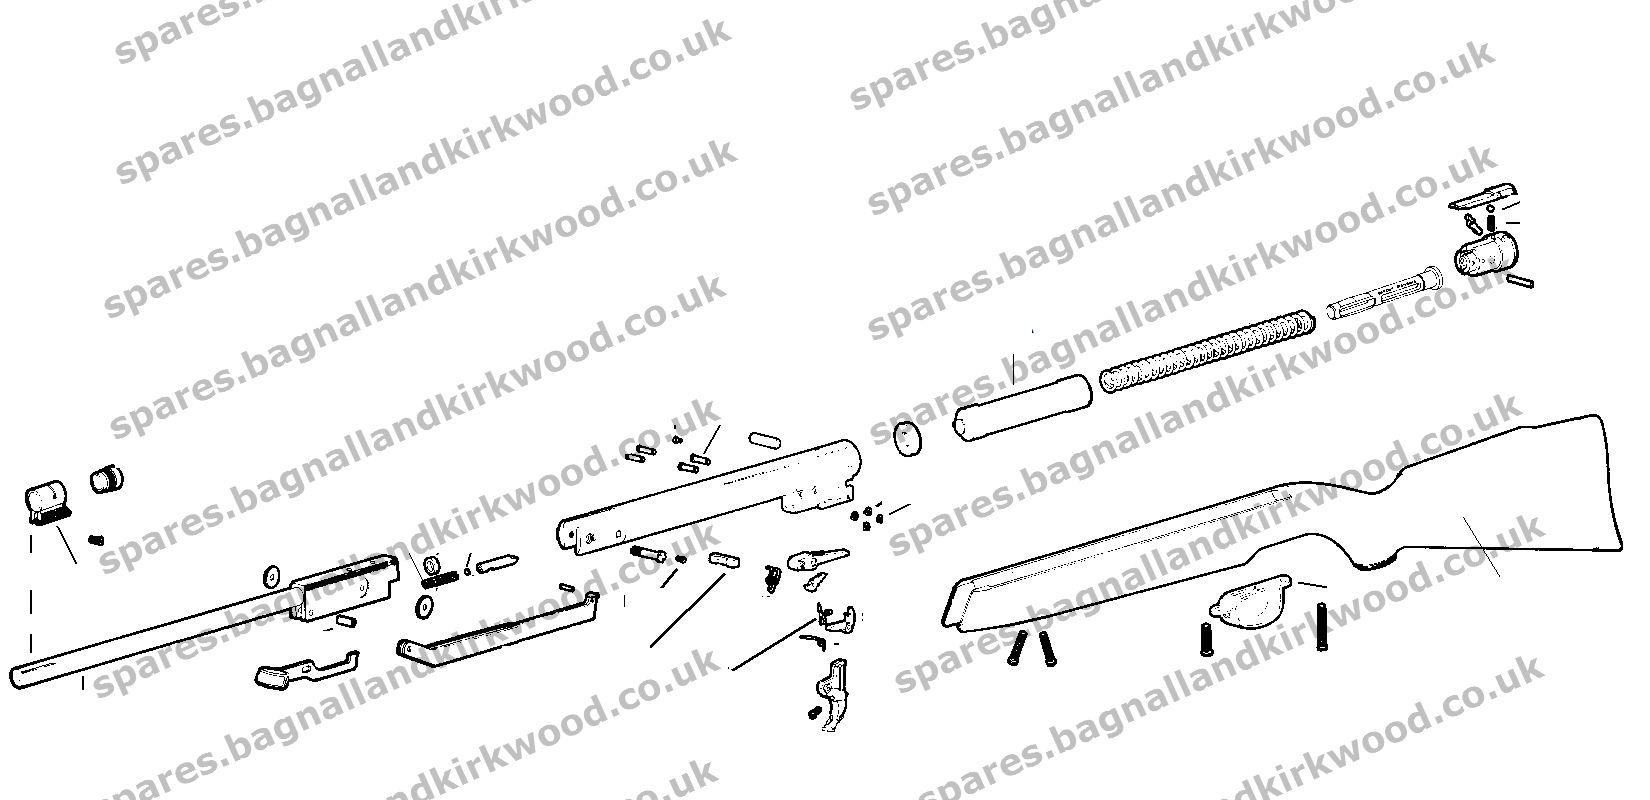 webley omega spare parts bagnall and kirkwood airgun spares rh spares bagnallandkirkwood co uk pellet rifle parts diagram air gun parts diagram